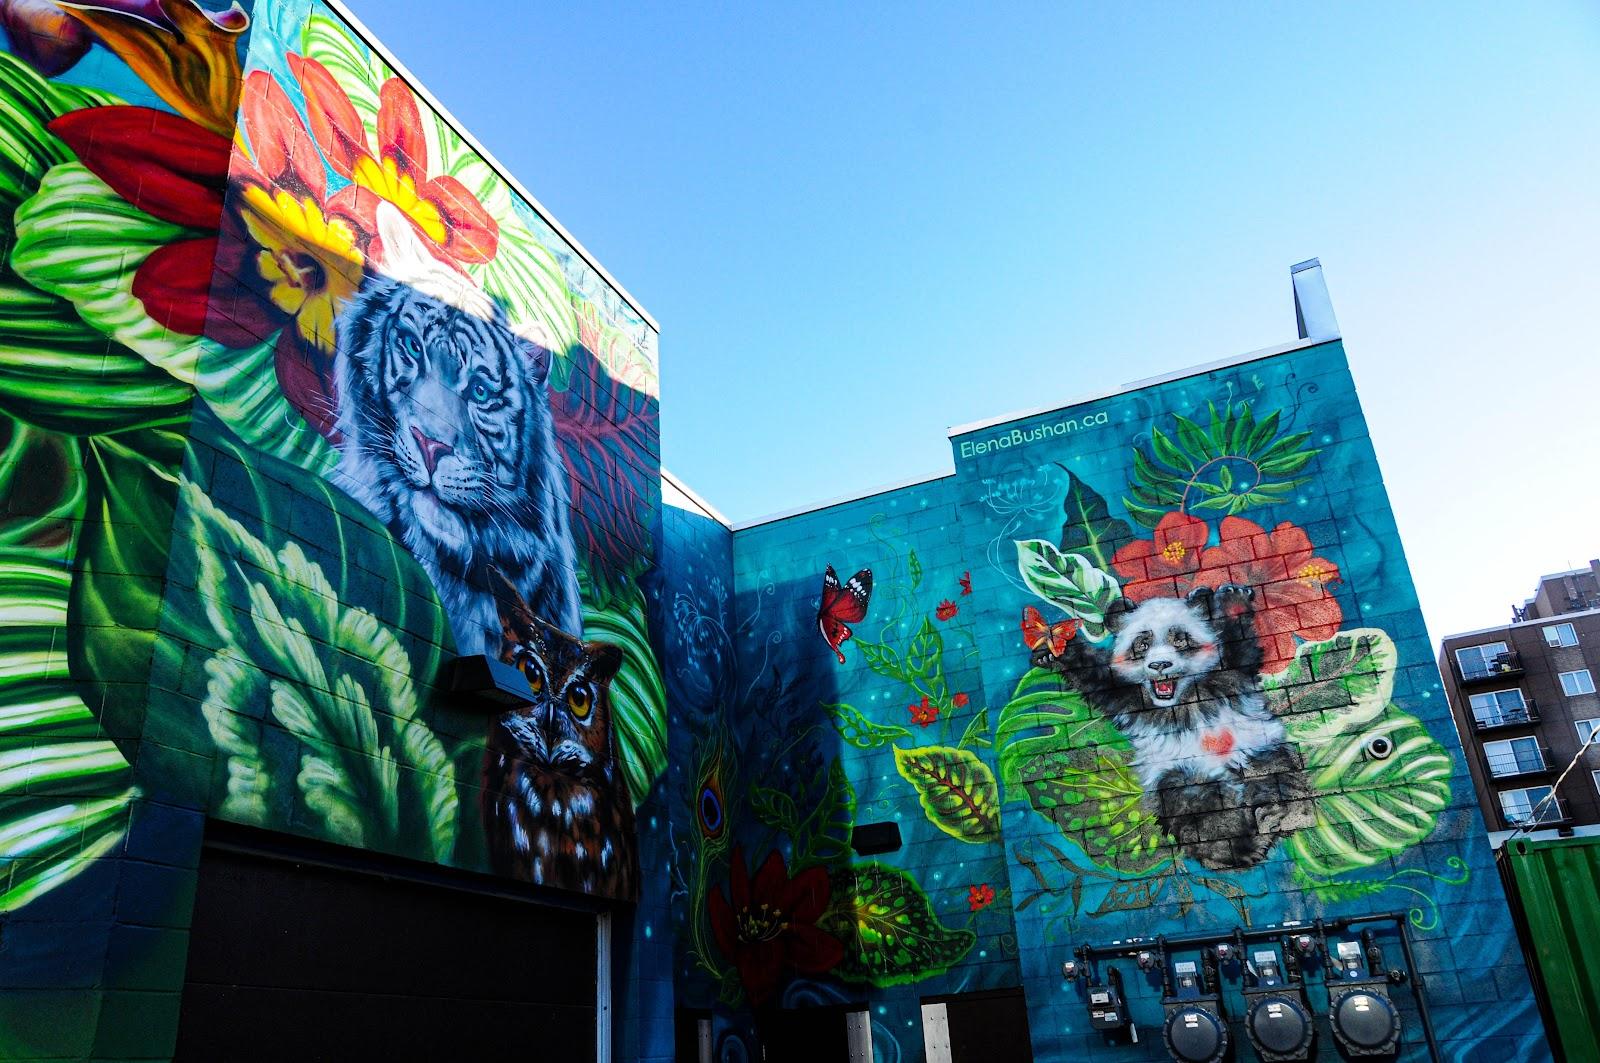 Des animaux dessinés sur des façades